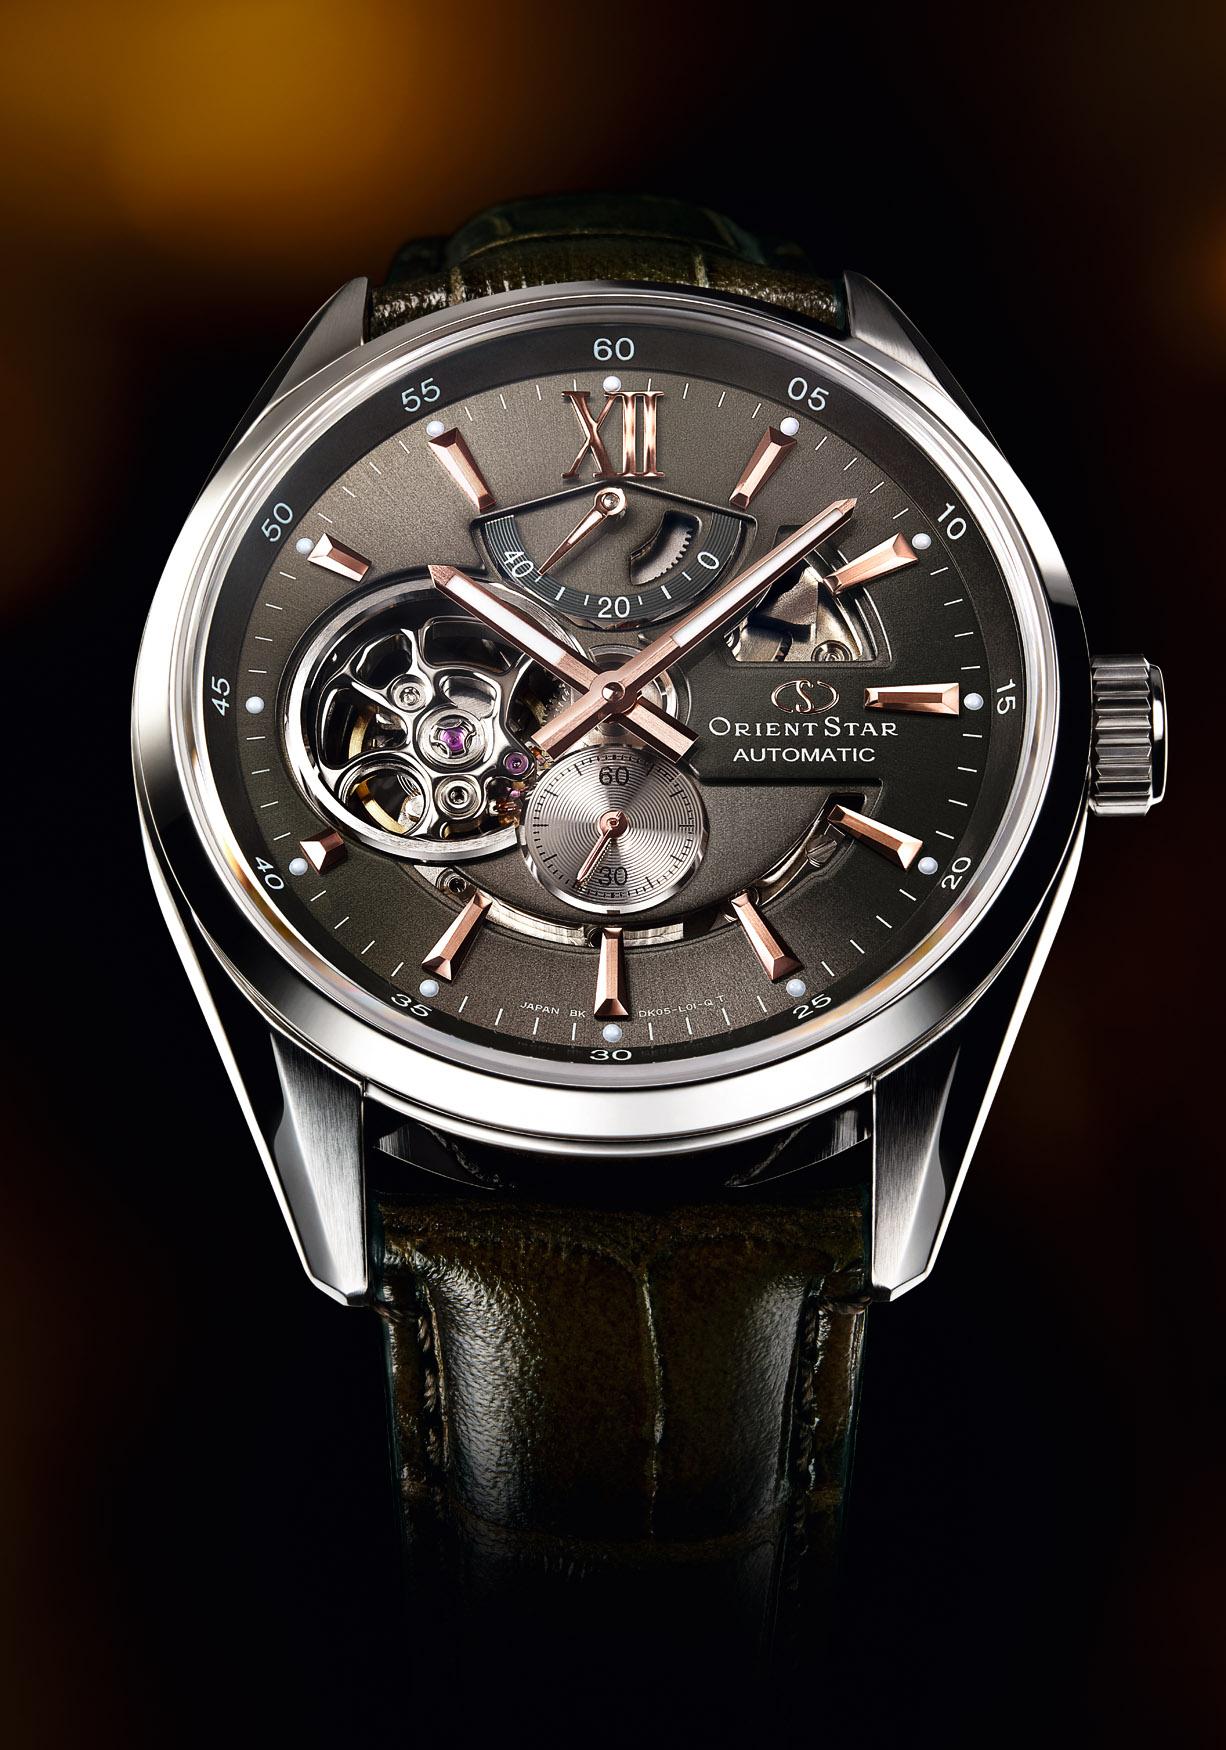 国産本格機械式時計オリエントスターより新作『オリエントスター モダンスケルトン』 11月1日発売